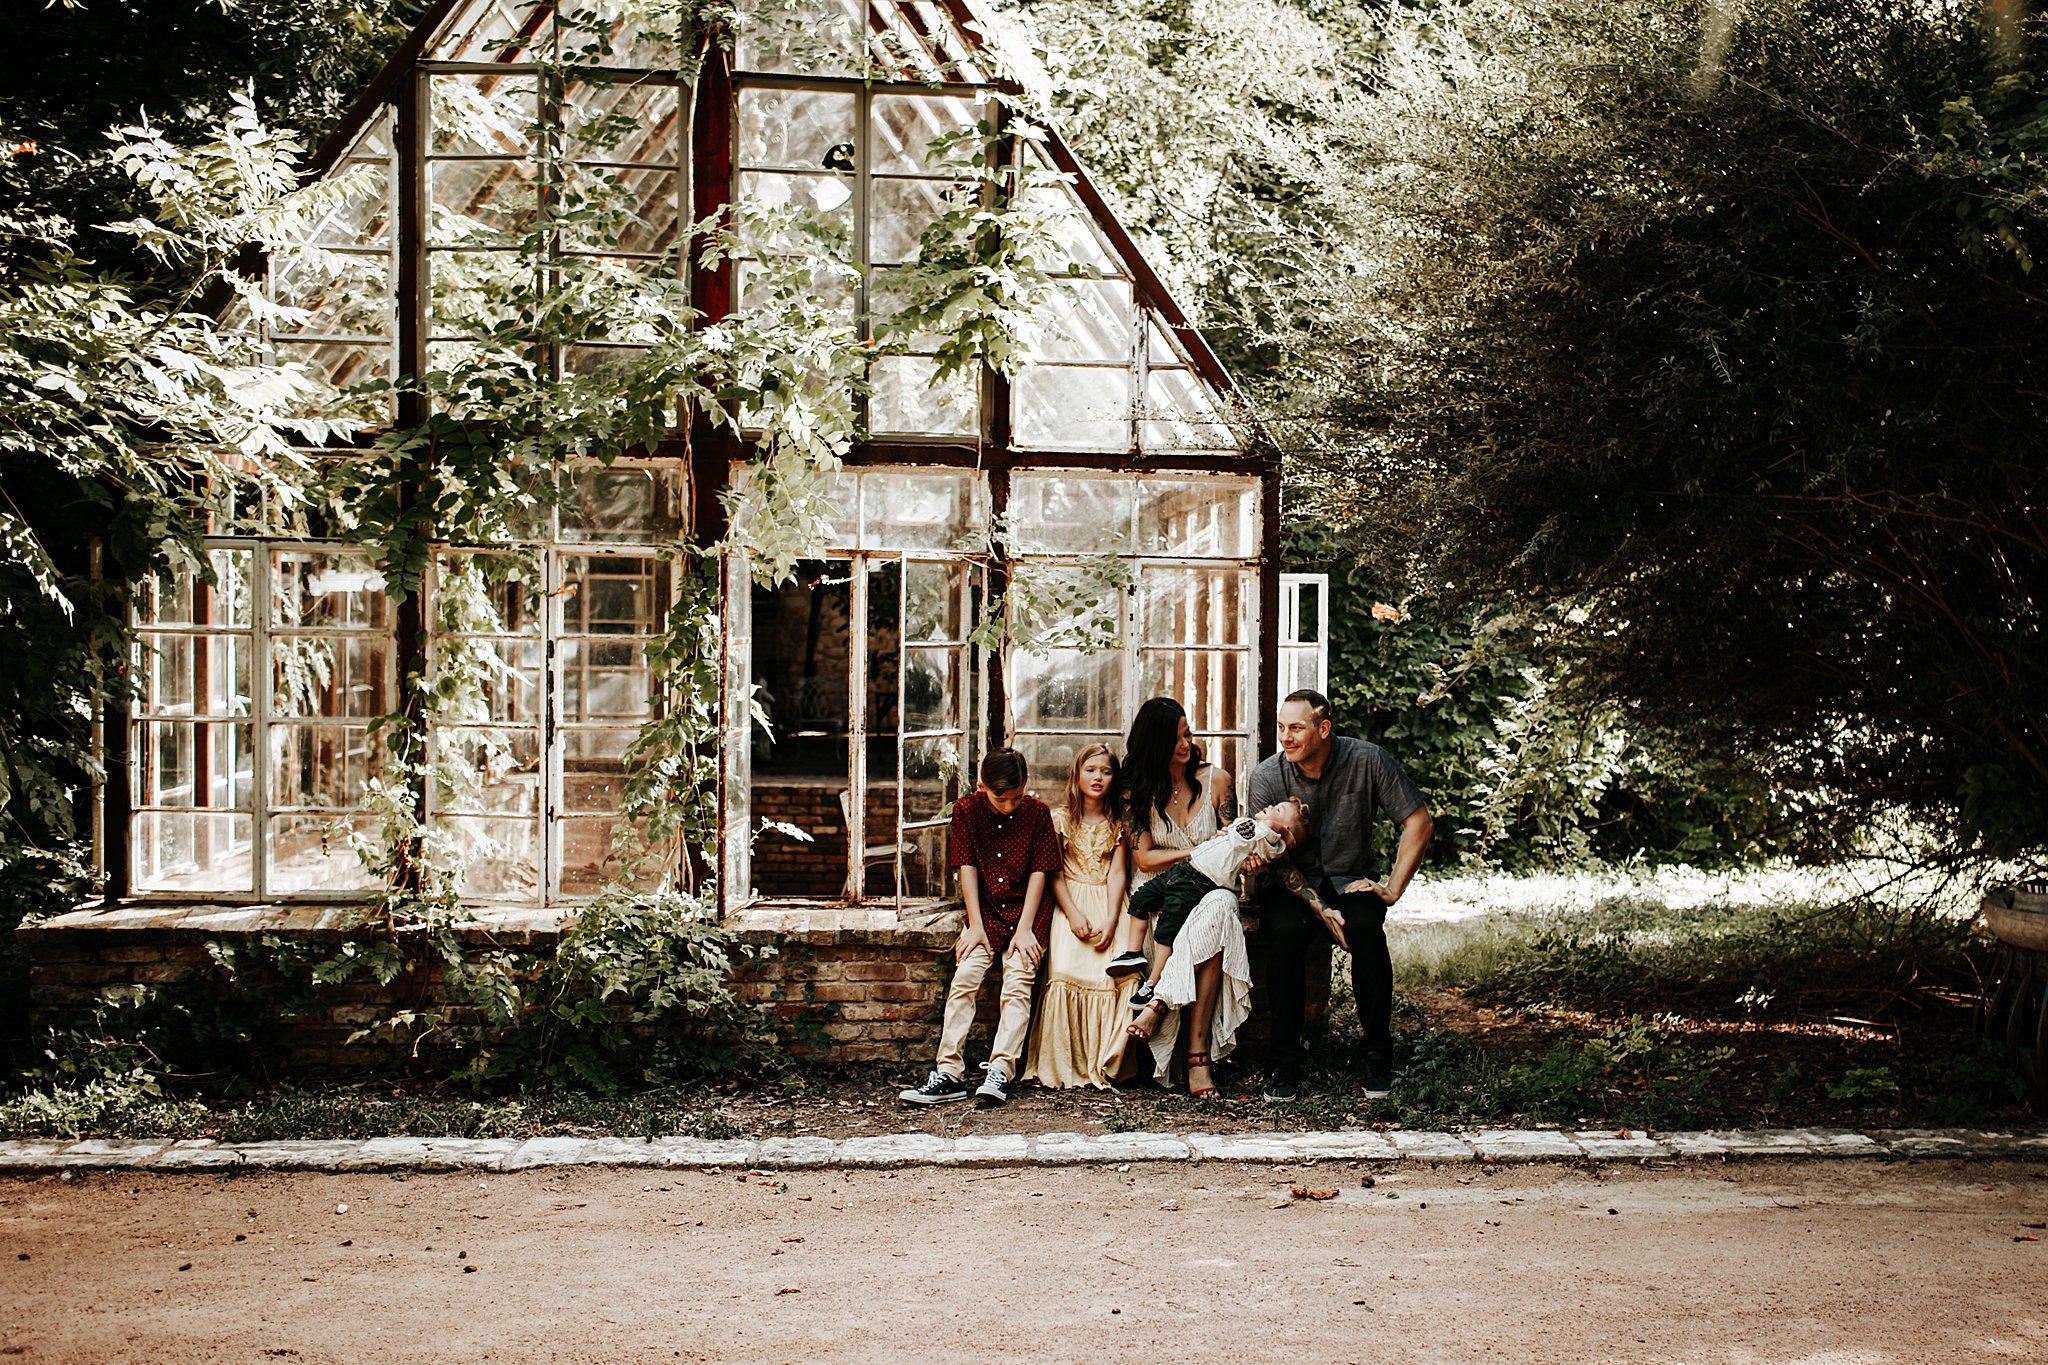 Ohara-San-Antonio-Family-Photographer-118_WEB.jpg